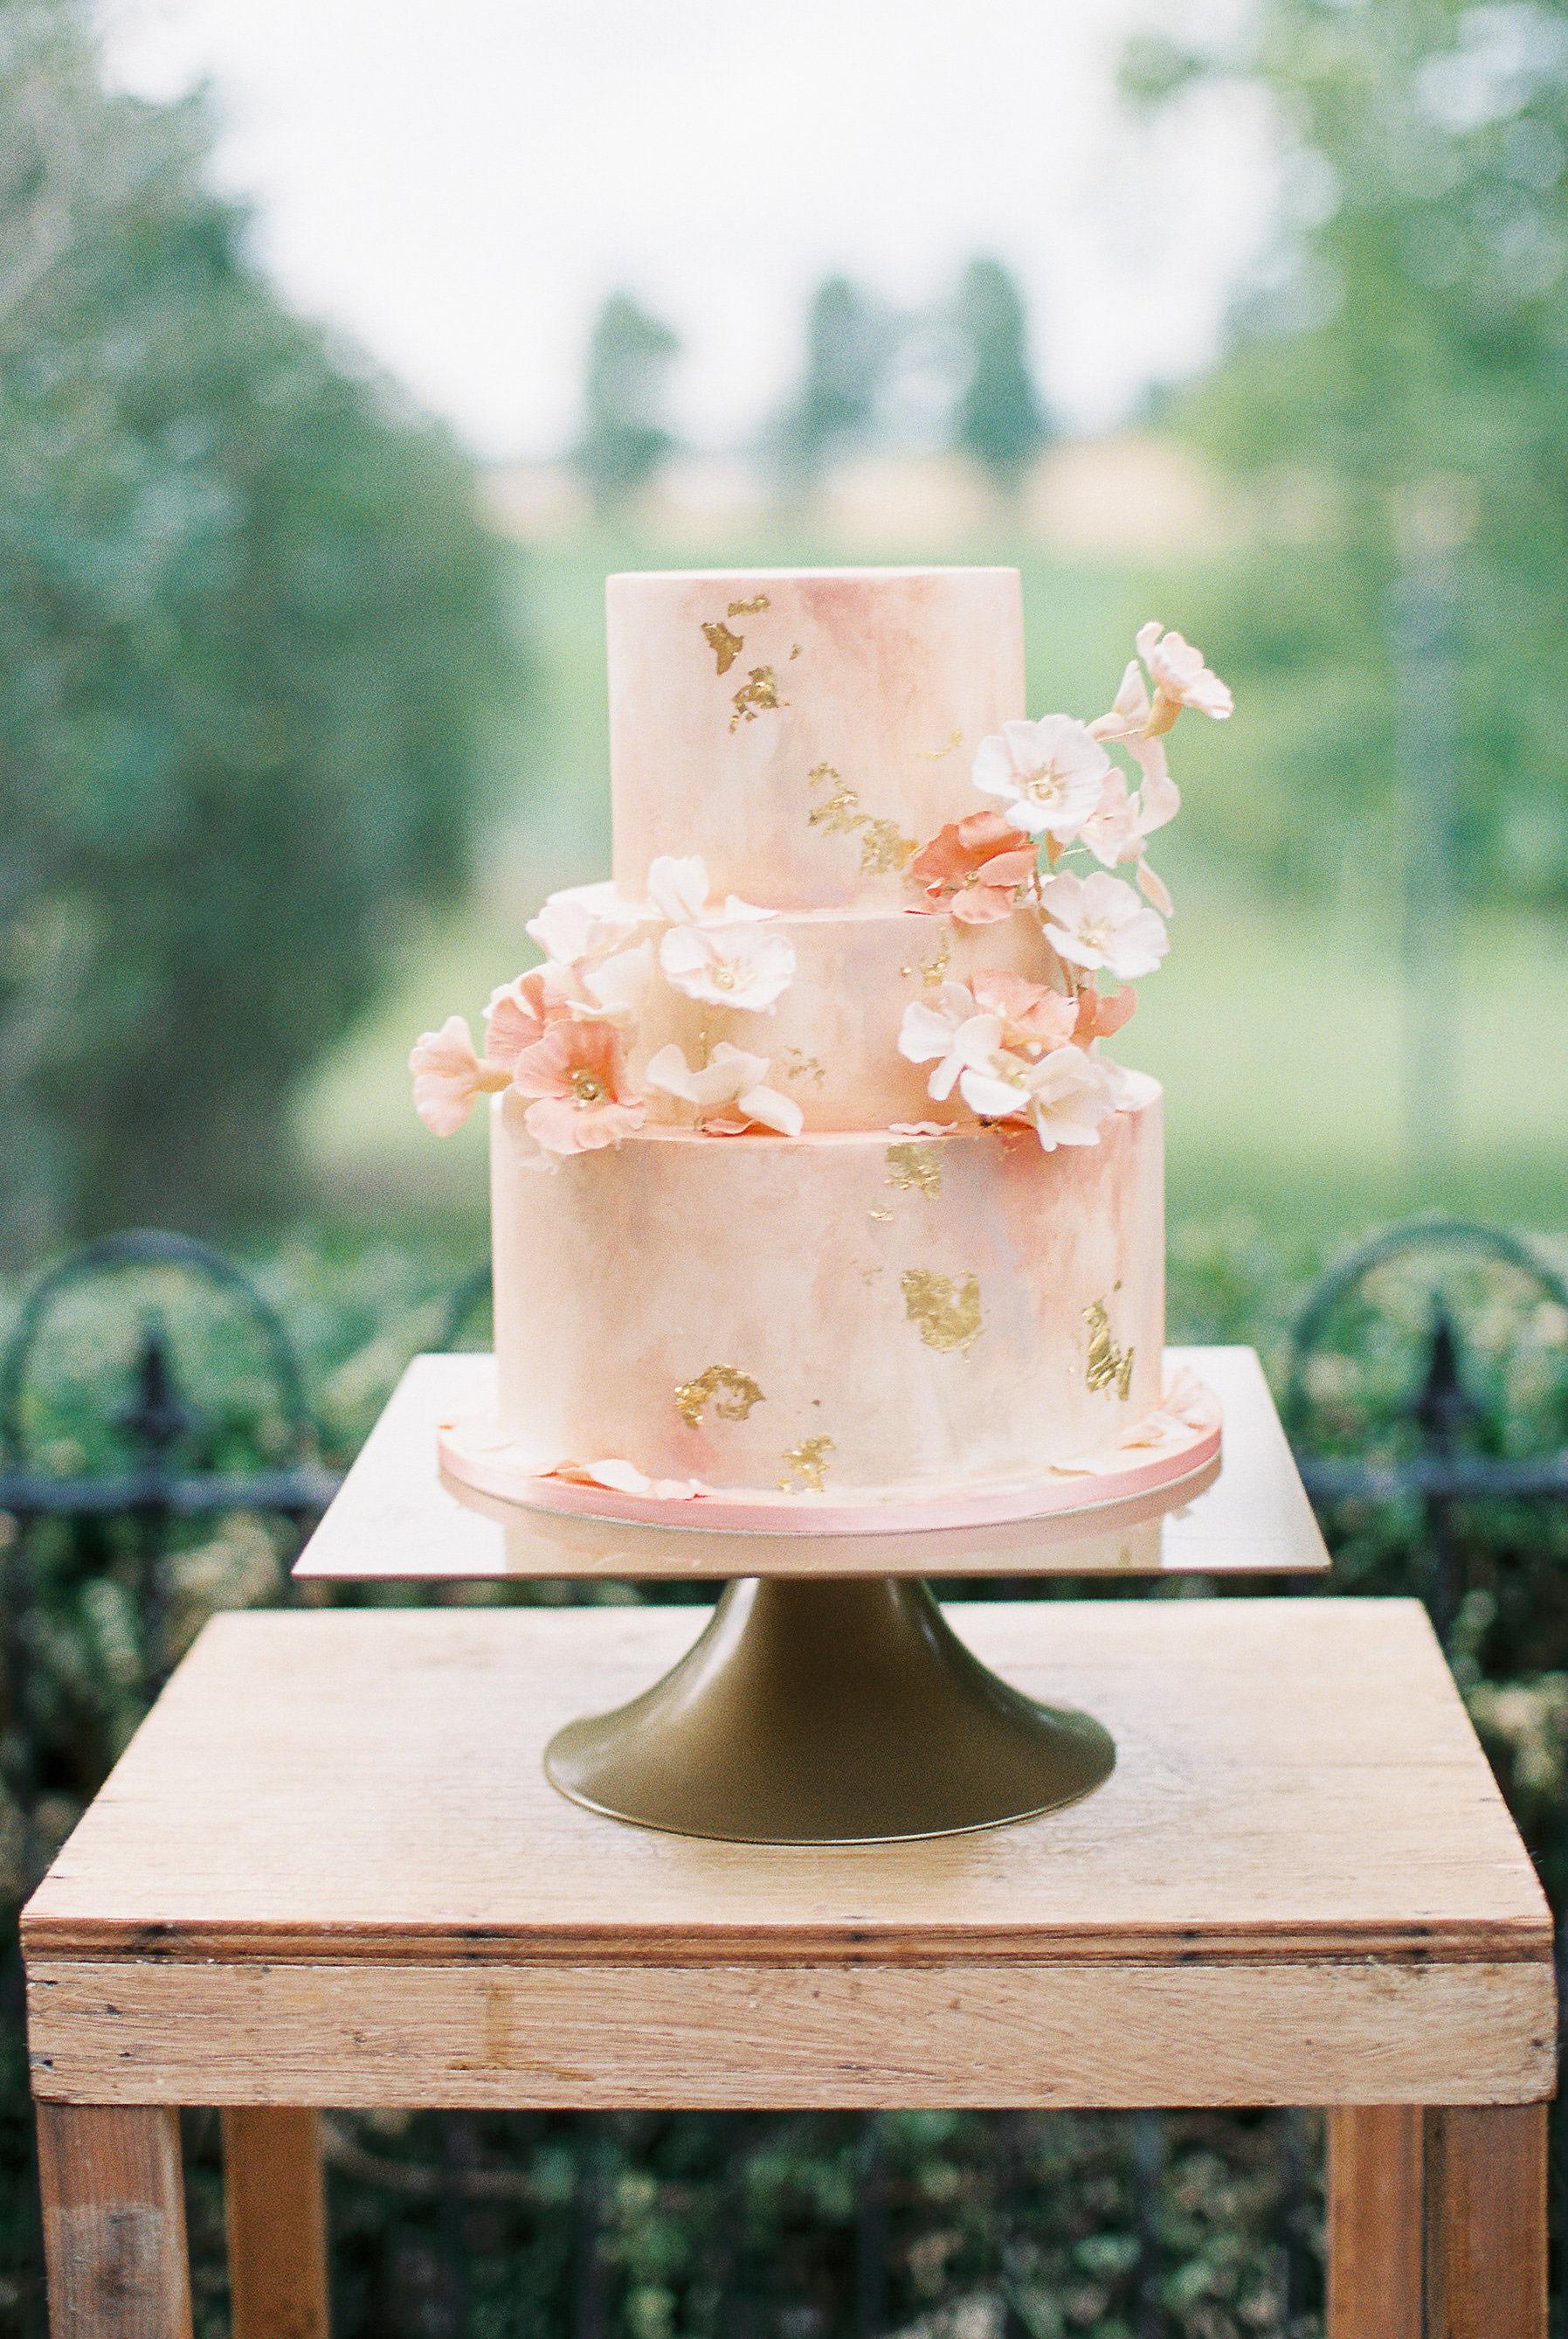 sugar flower wedding cakes tracy burch